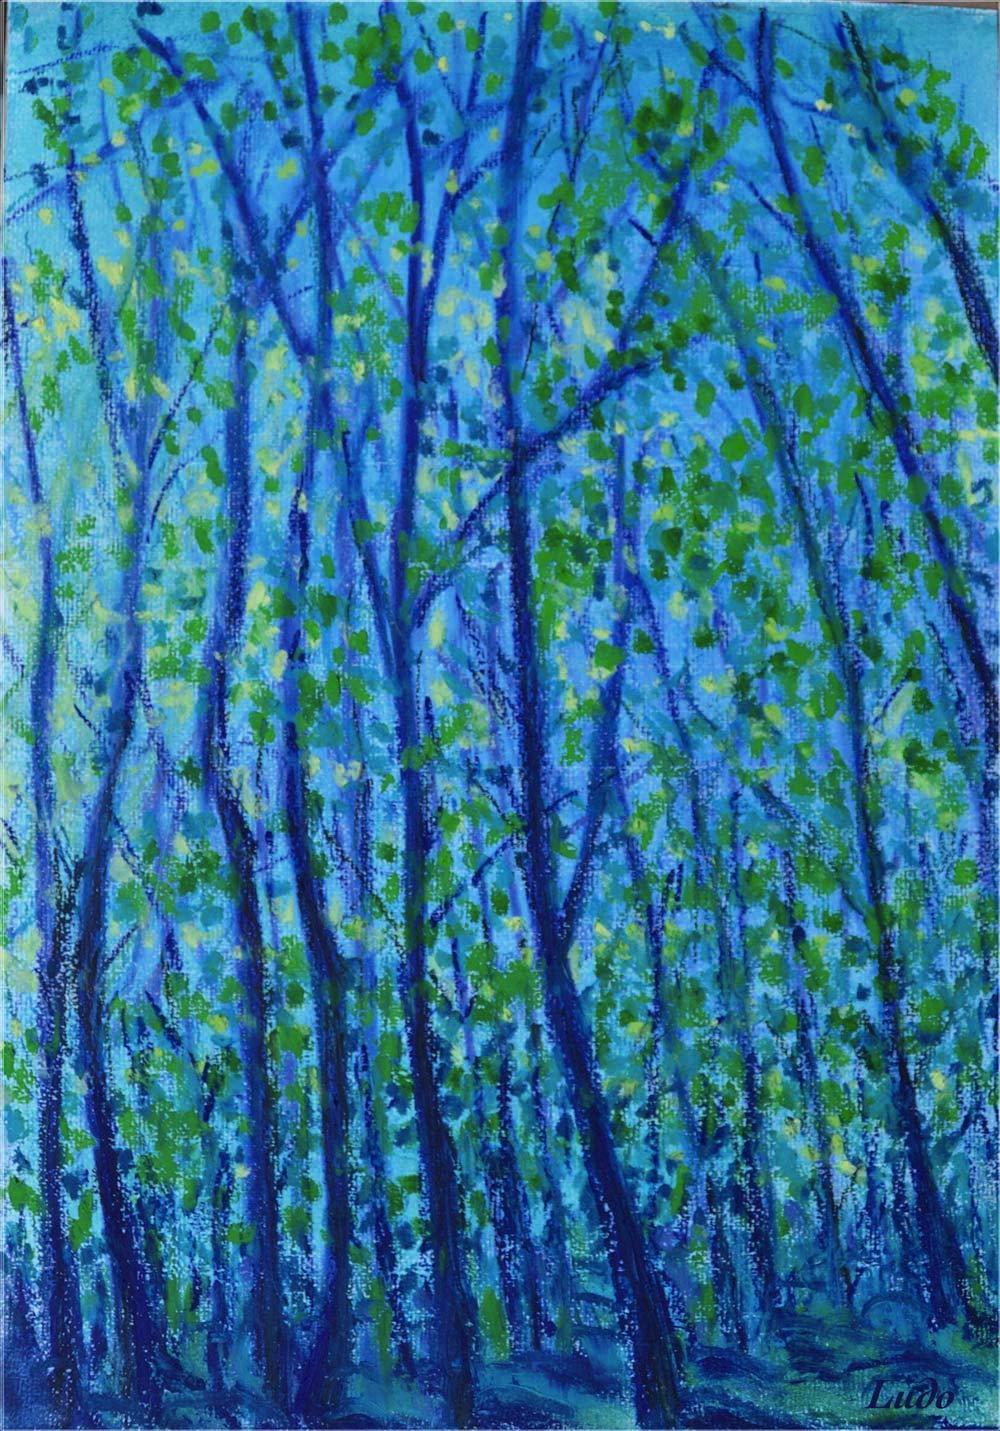 Forêt, Lahonce, no. 2. Pastel à l'huile sur papier, 42x30, 2015